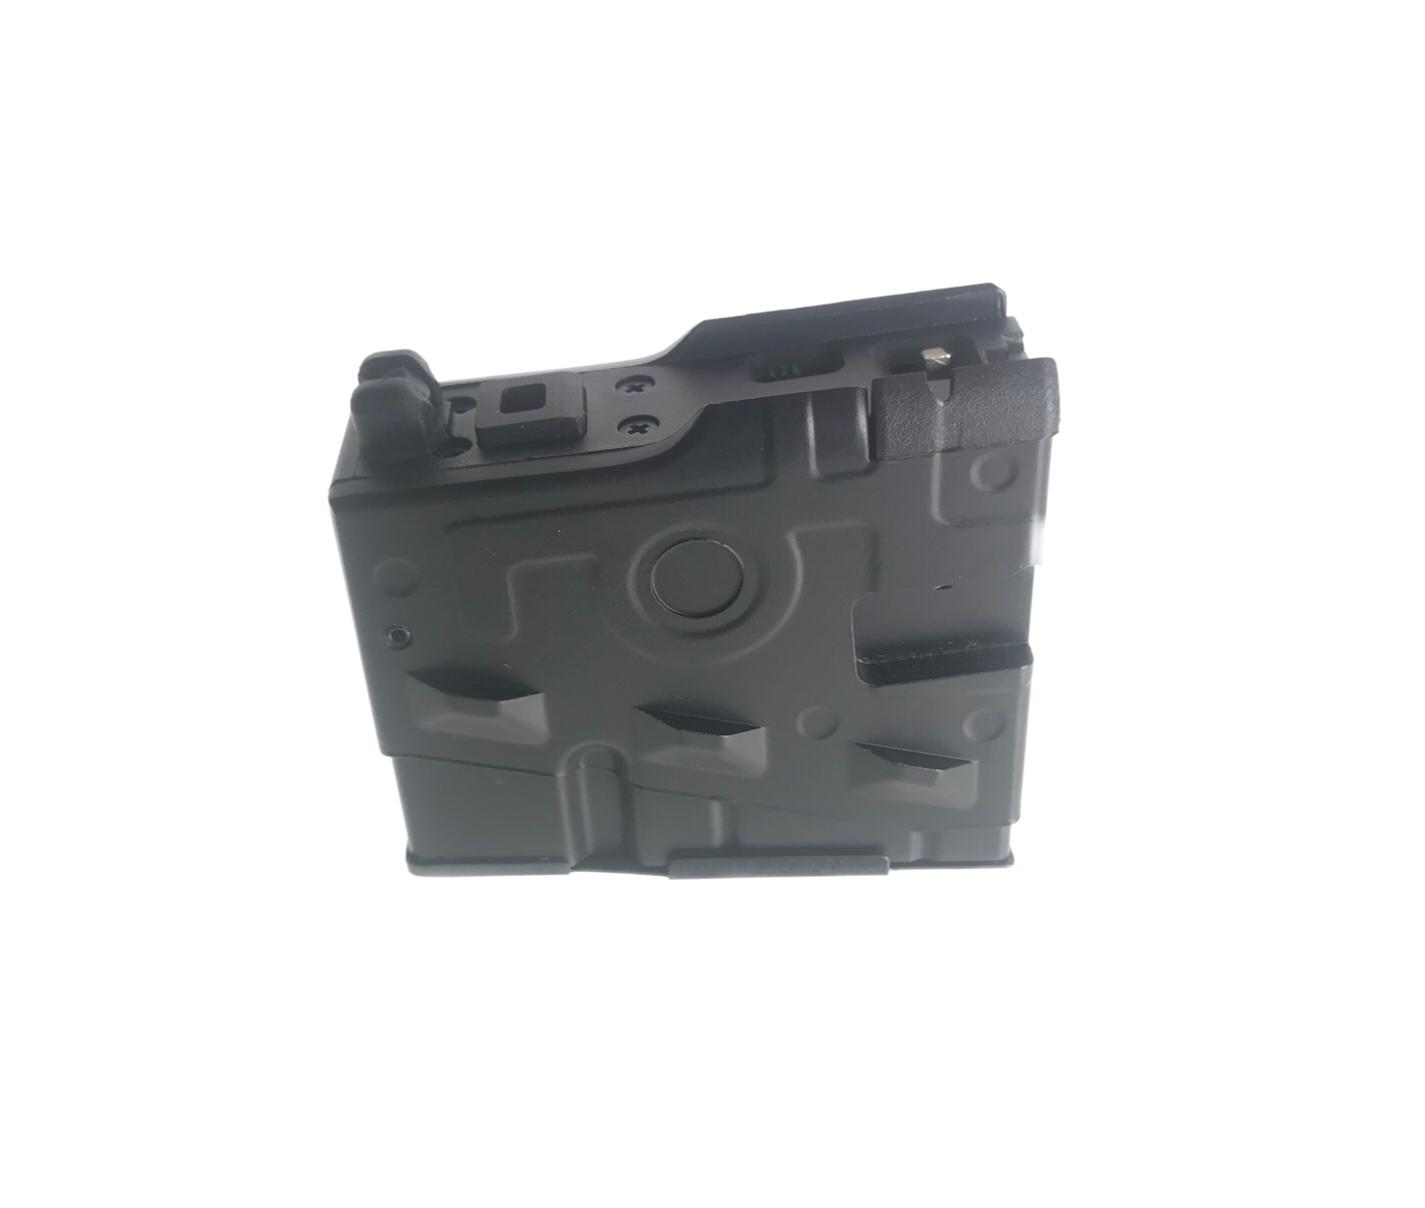 【即納品】FCW製 VFC/UMAREX H&K PSG-1 / G3 GBBR 狙撃銃 ガスブローバック用 6連カスタムショートマガジン